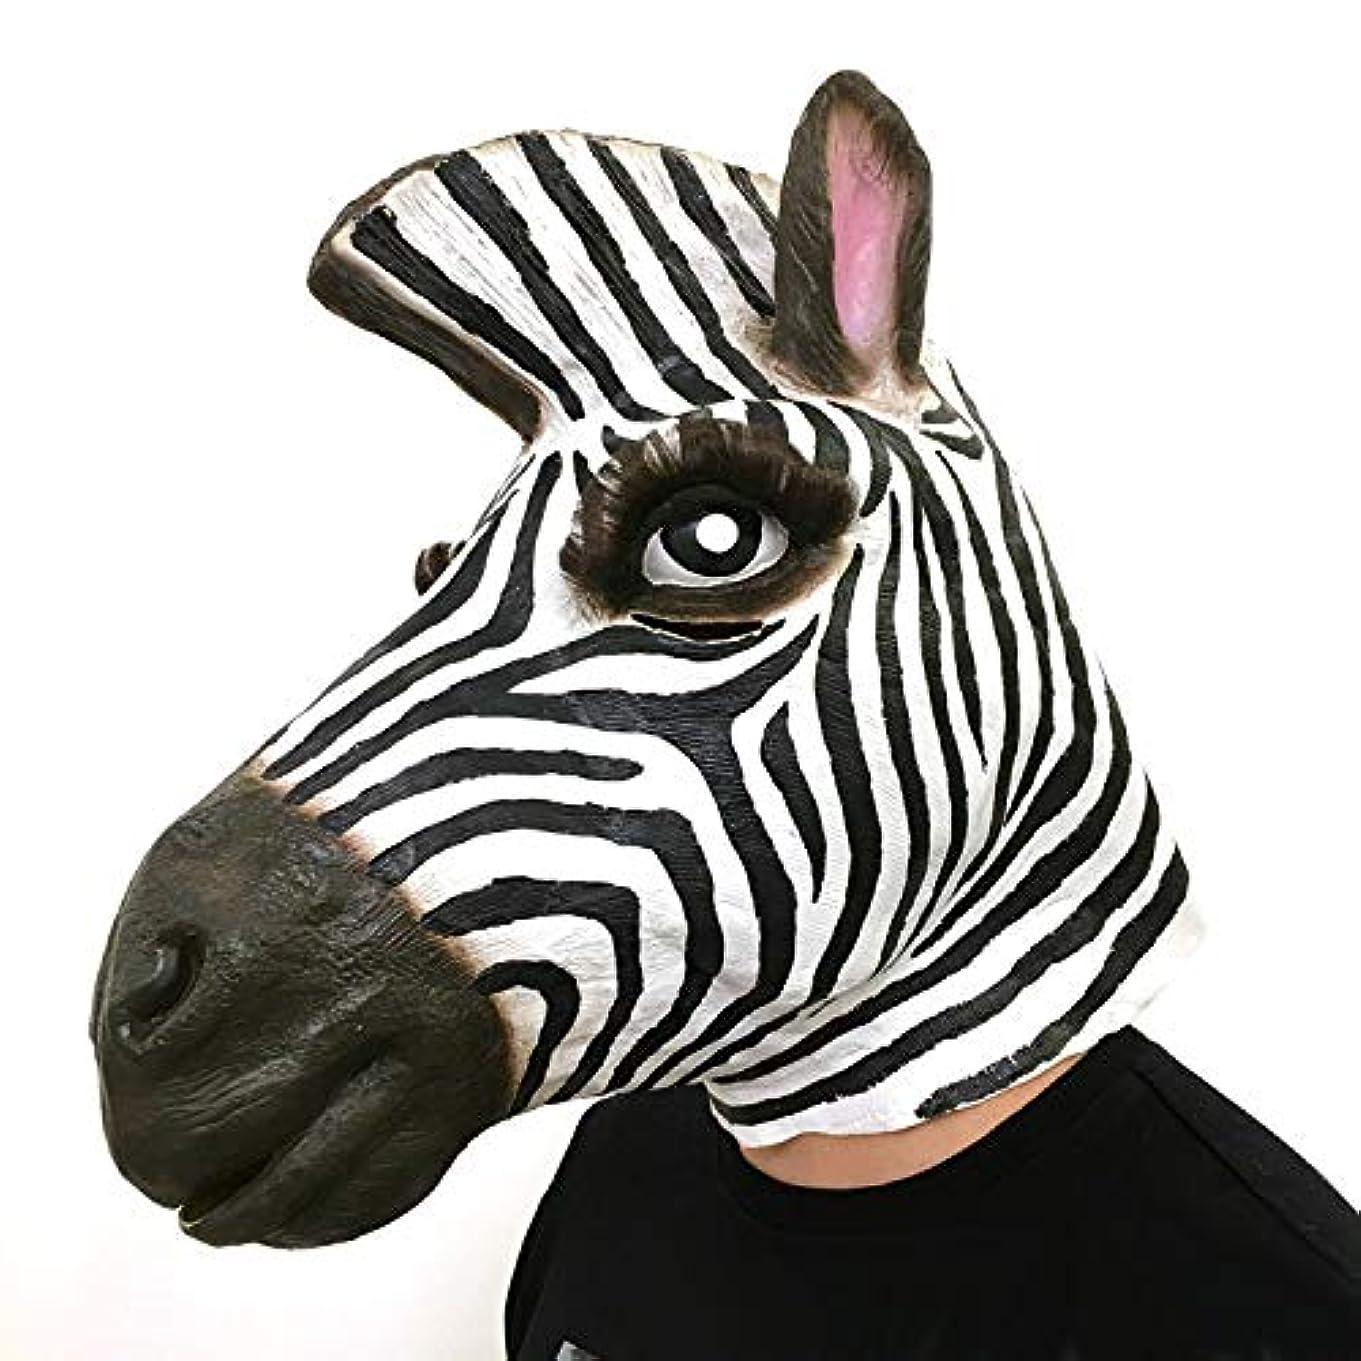 自伝排泄するコンチネンタル馬のマスク、祭りやダンスパーティーのための馬の頭おかしい動物マスクコレクションハロウィンコスチューム